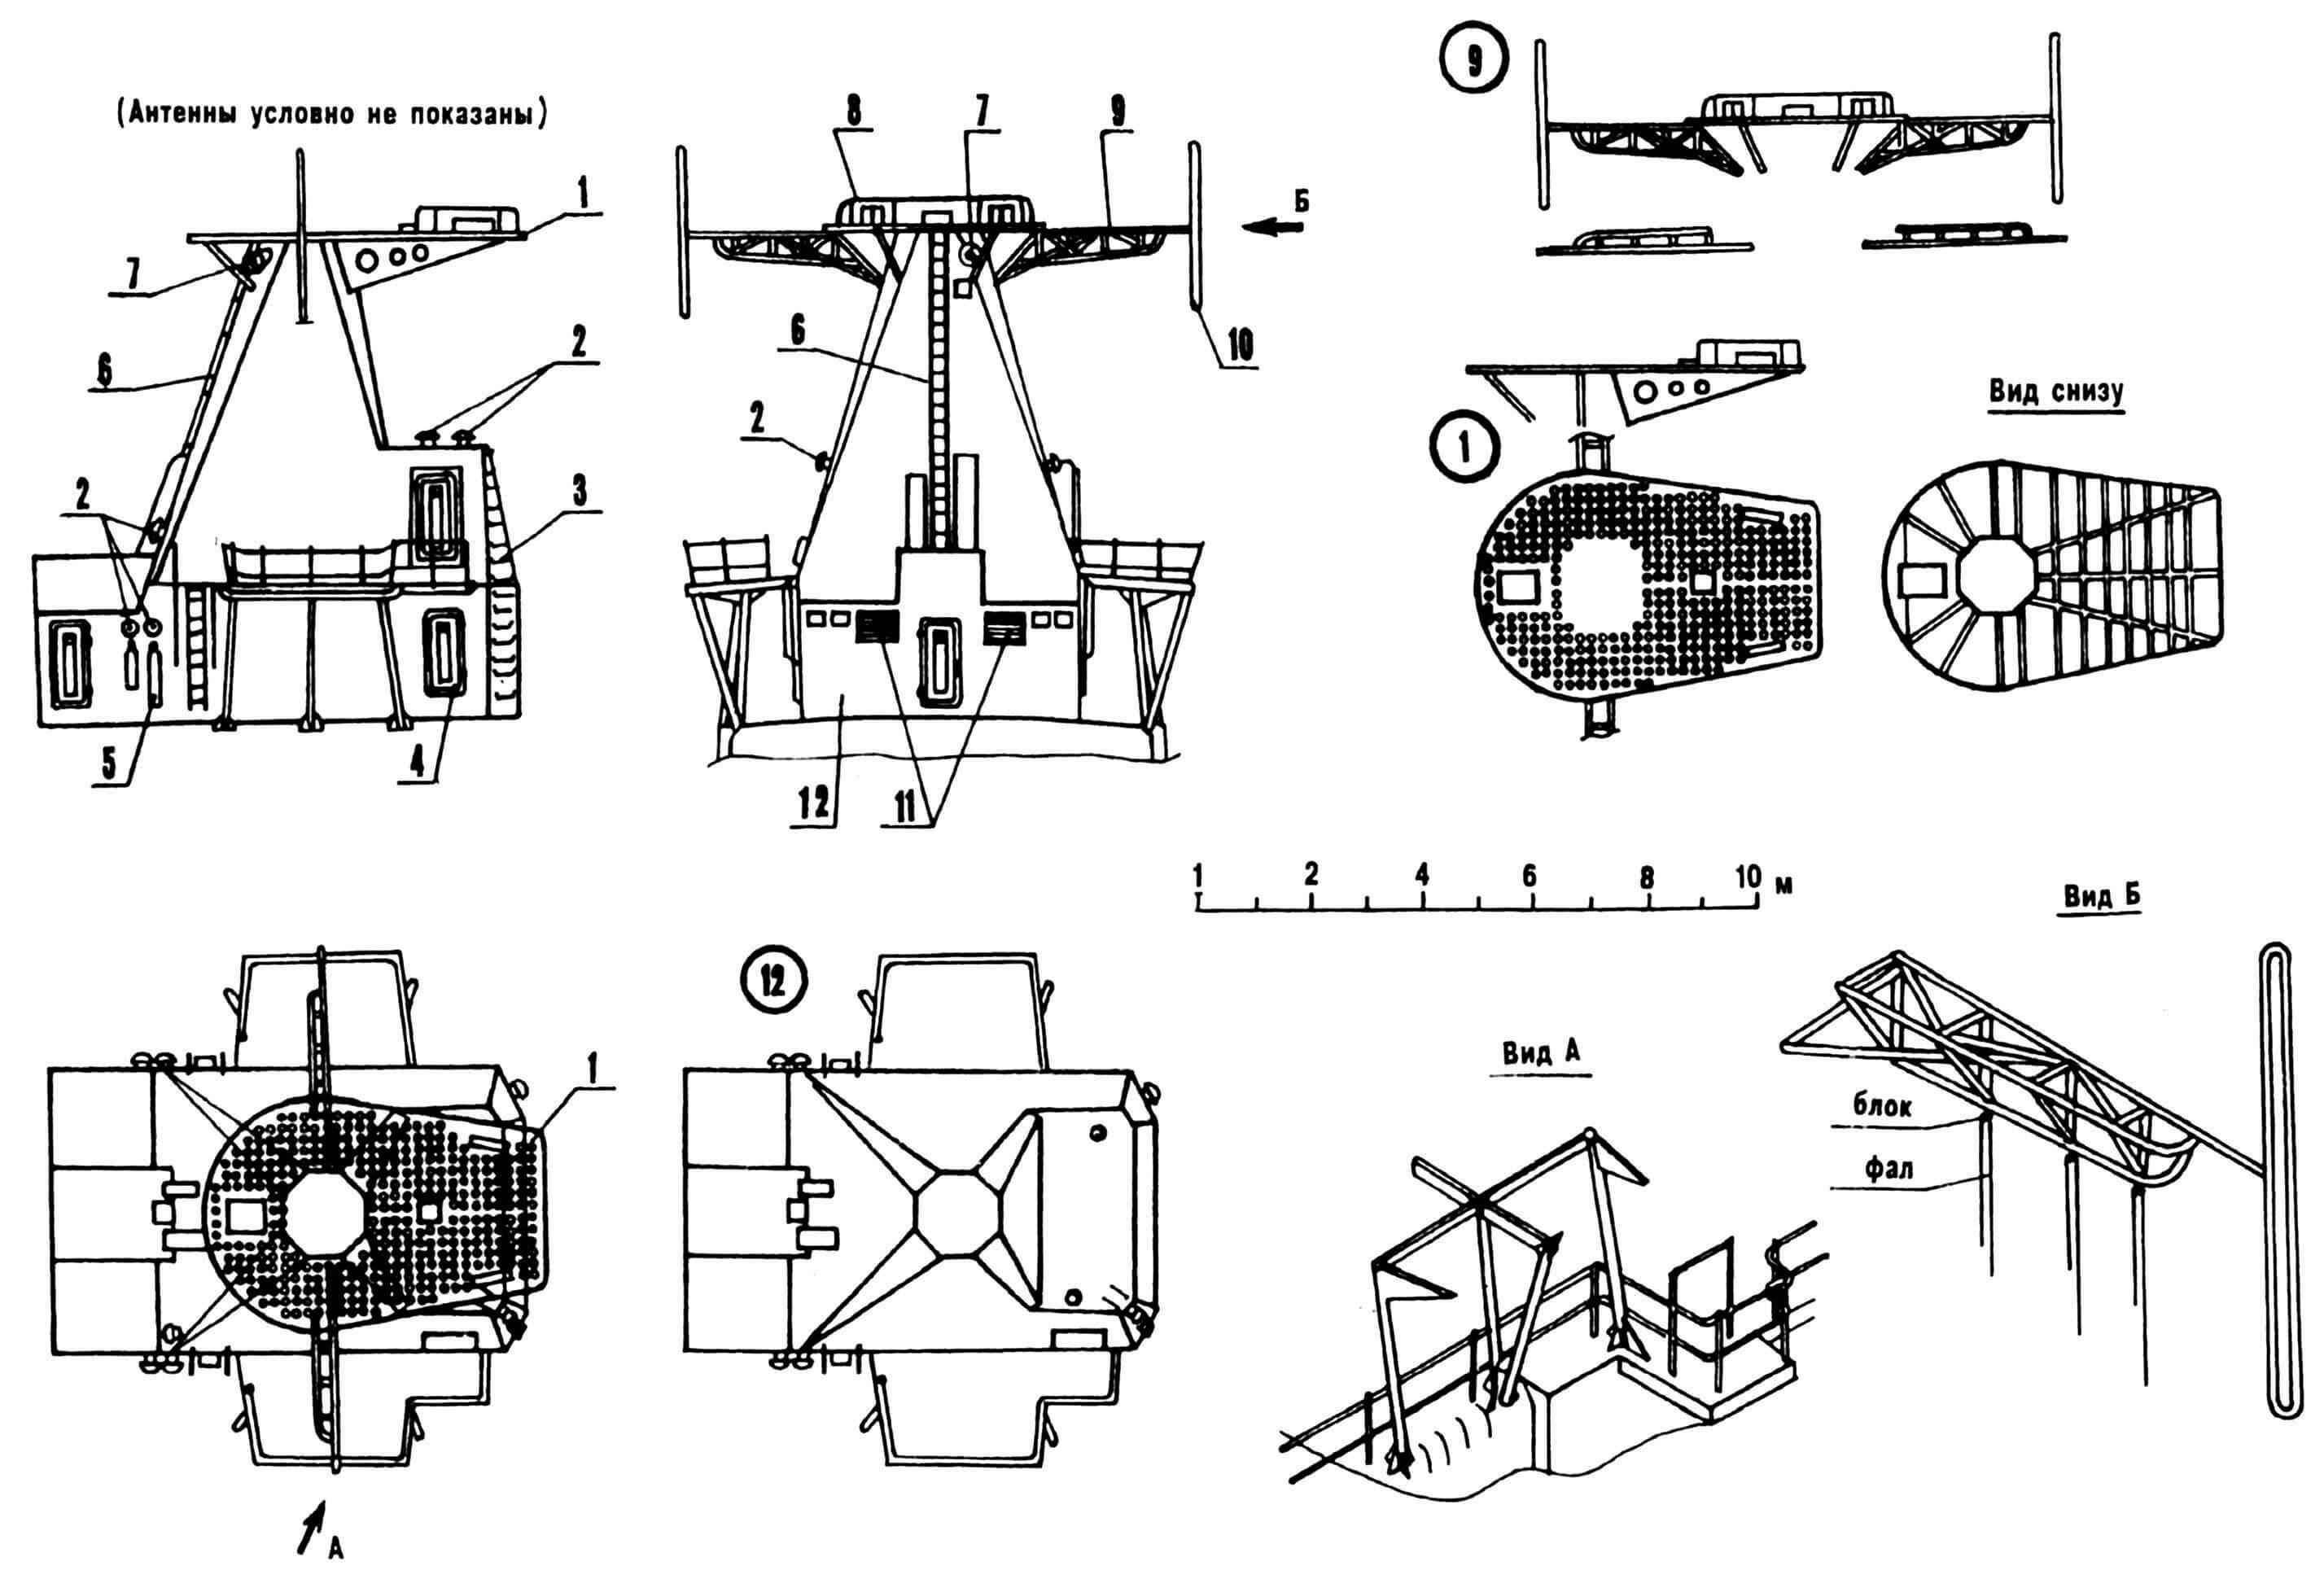 Грот-мачта: 1 — площадка под антенны станции наведения ракет; 2 — грибки вентиляционные; 3 — скоб-трап; 4 — дверь водонепроницаемая; 5 — баллон сжатого газа; 6 — трап; 7 — громкоговоритель; 8 — поручень; 9 — грота-рей; 10 — антенна аппаратуры связи; 11 — жалюзи; 12 — корпус грот-мачты.